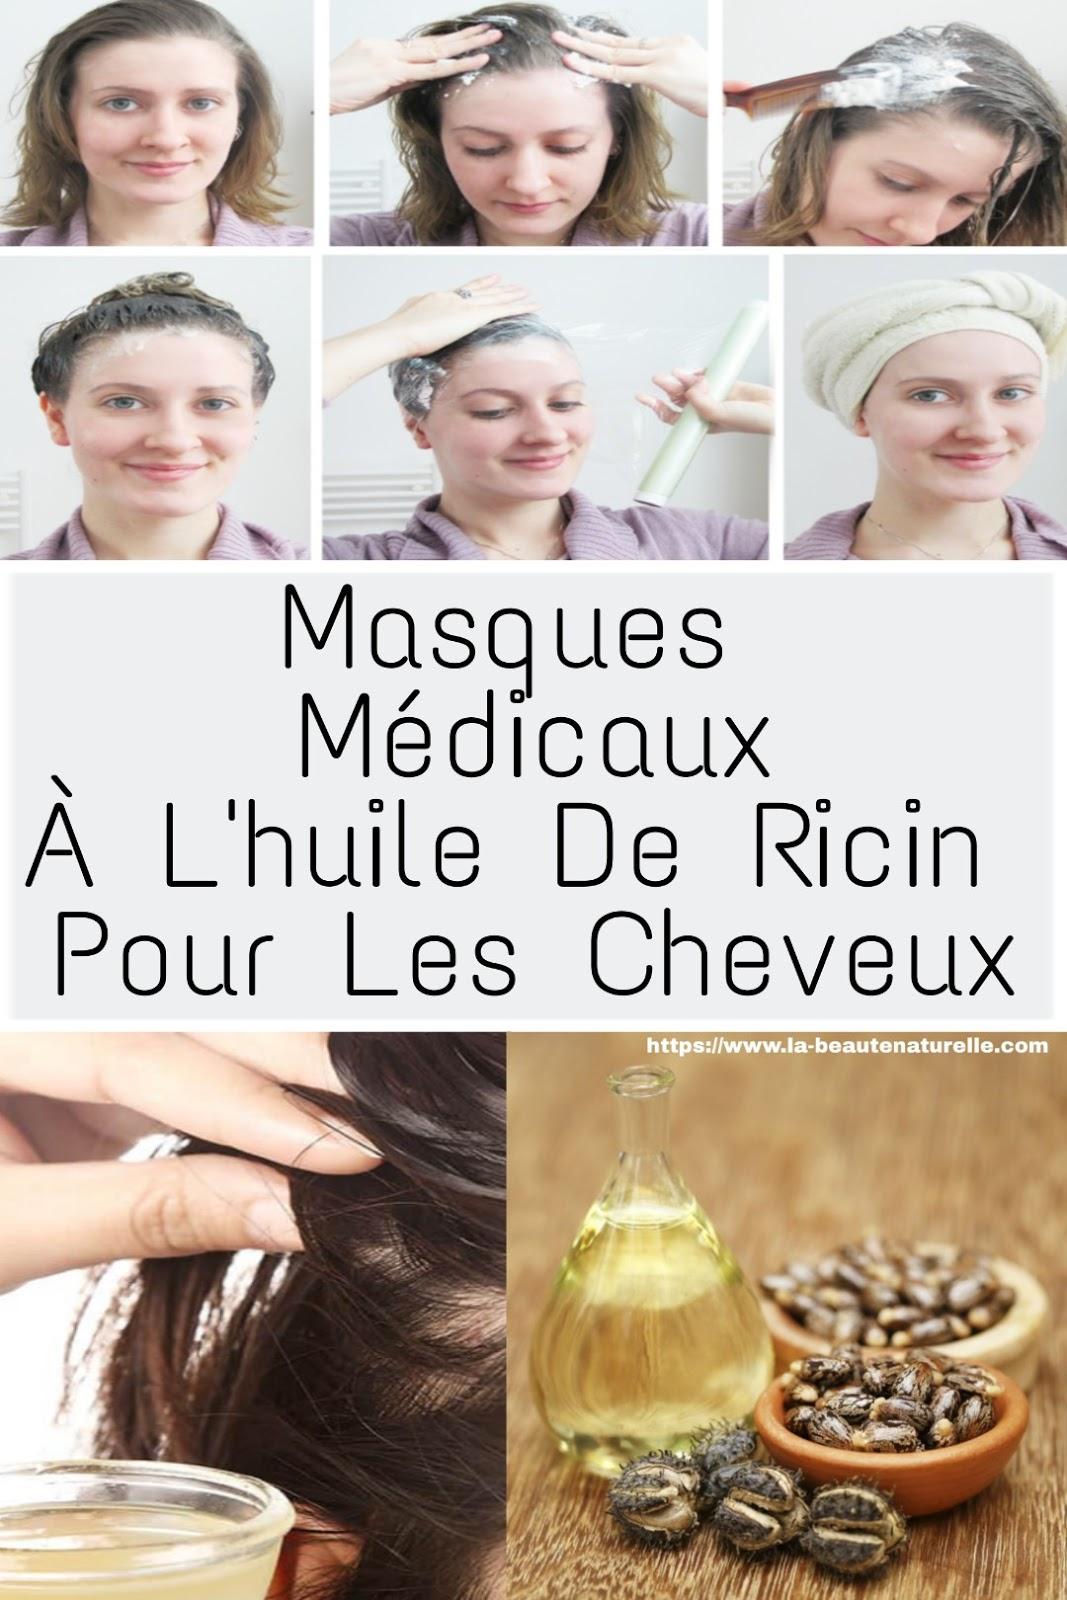 Masques Médicaux À L'huile De Ricin Pour Les Cheveux